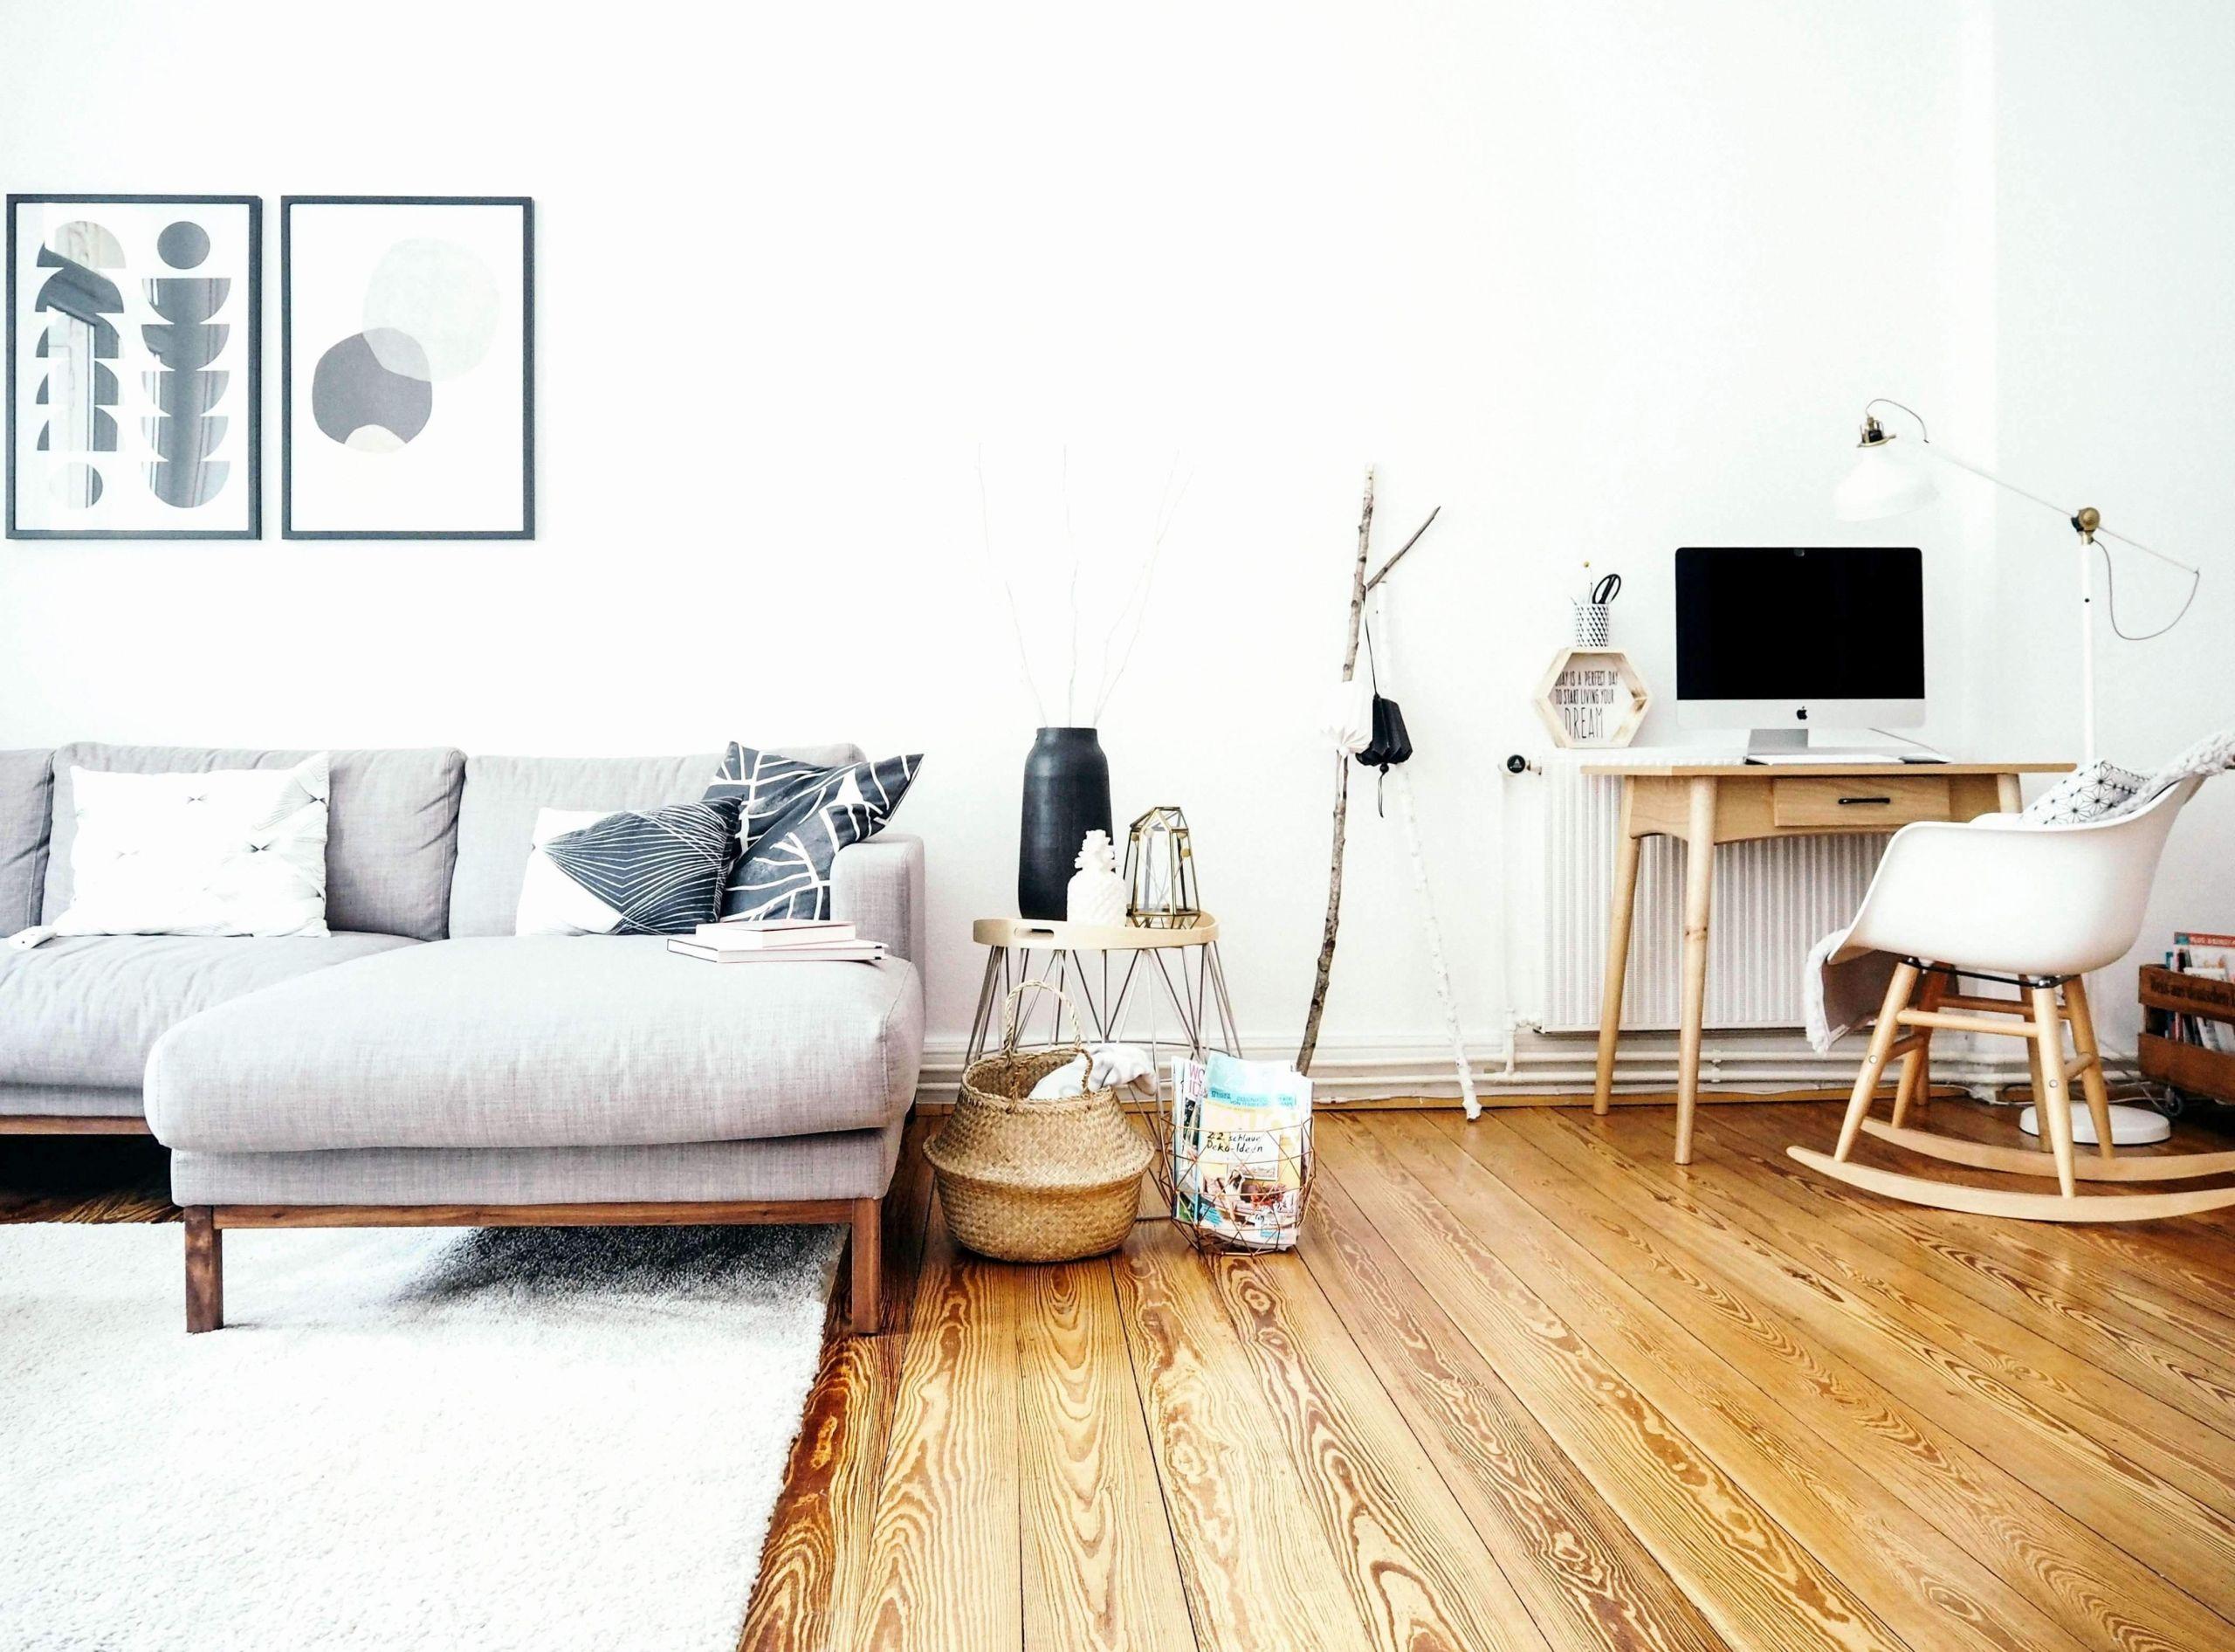 steinwand wohnzimmer tv das beste von wohnzimmer steinwand frisch brassicas of steinwand wohnzimmer tv 1 scaled